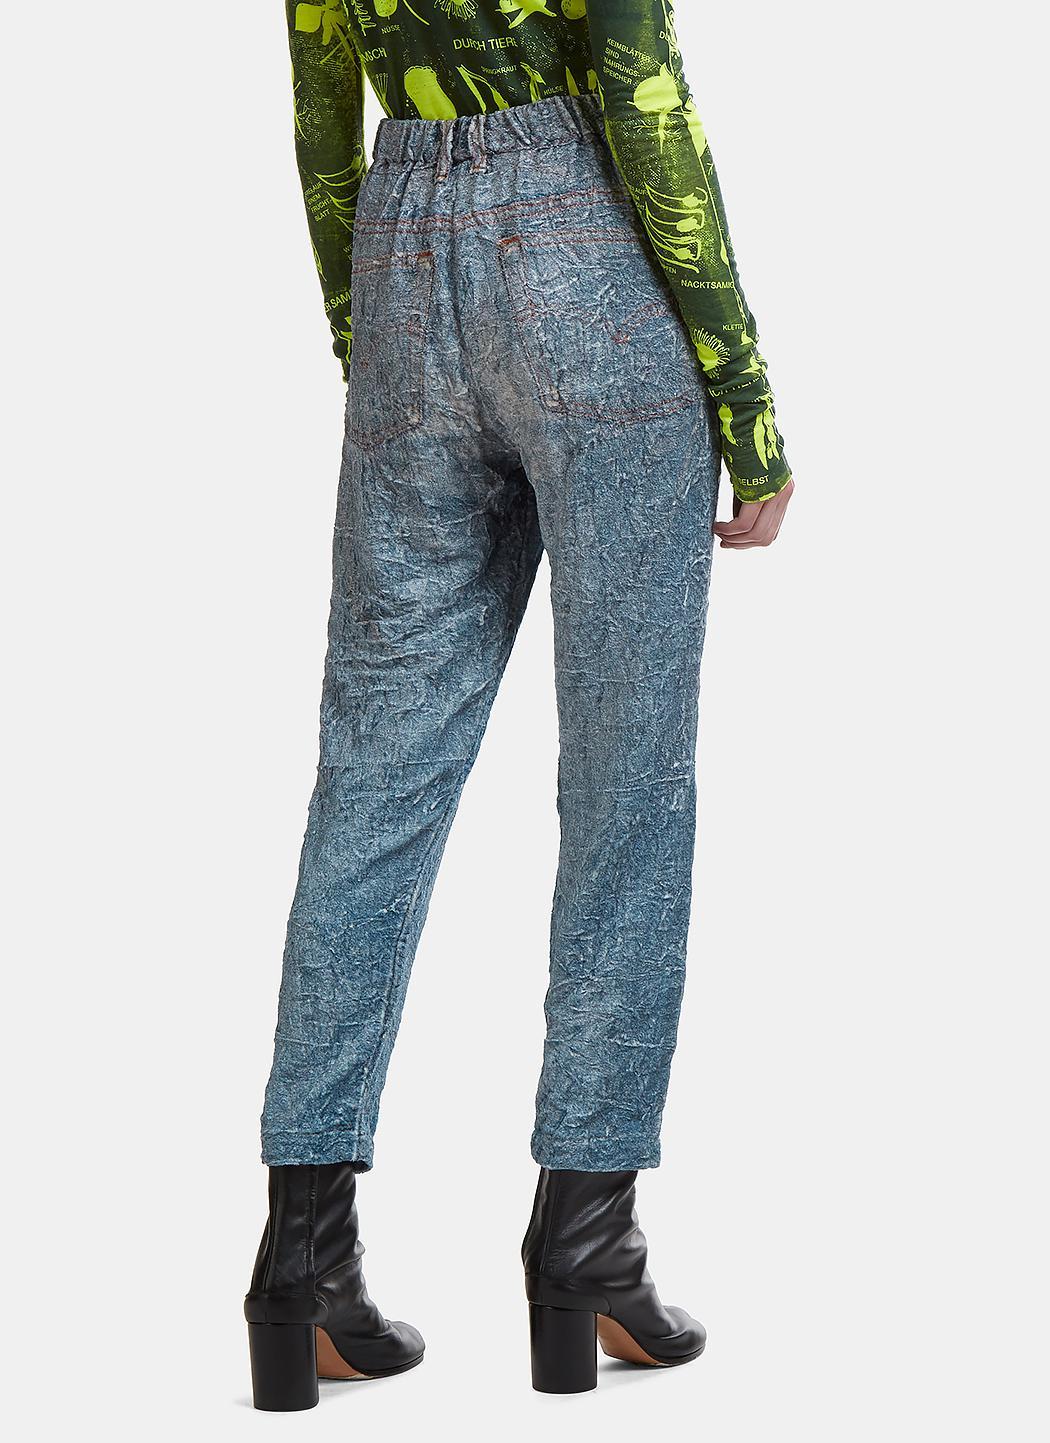 Anntian Denim Textured Fake Jeans In Blue